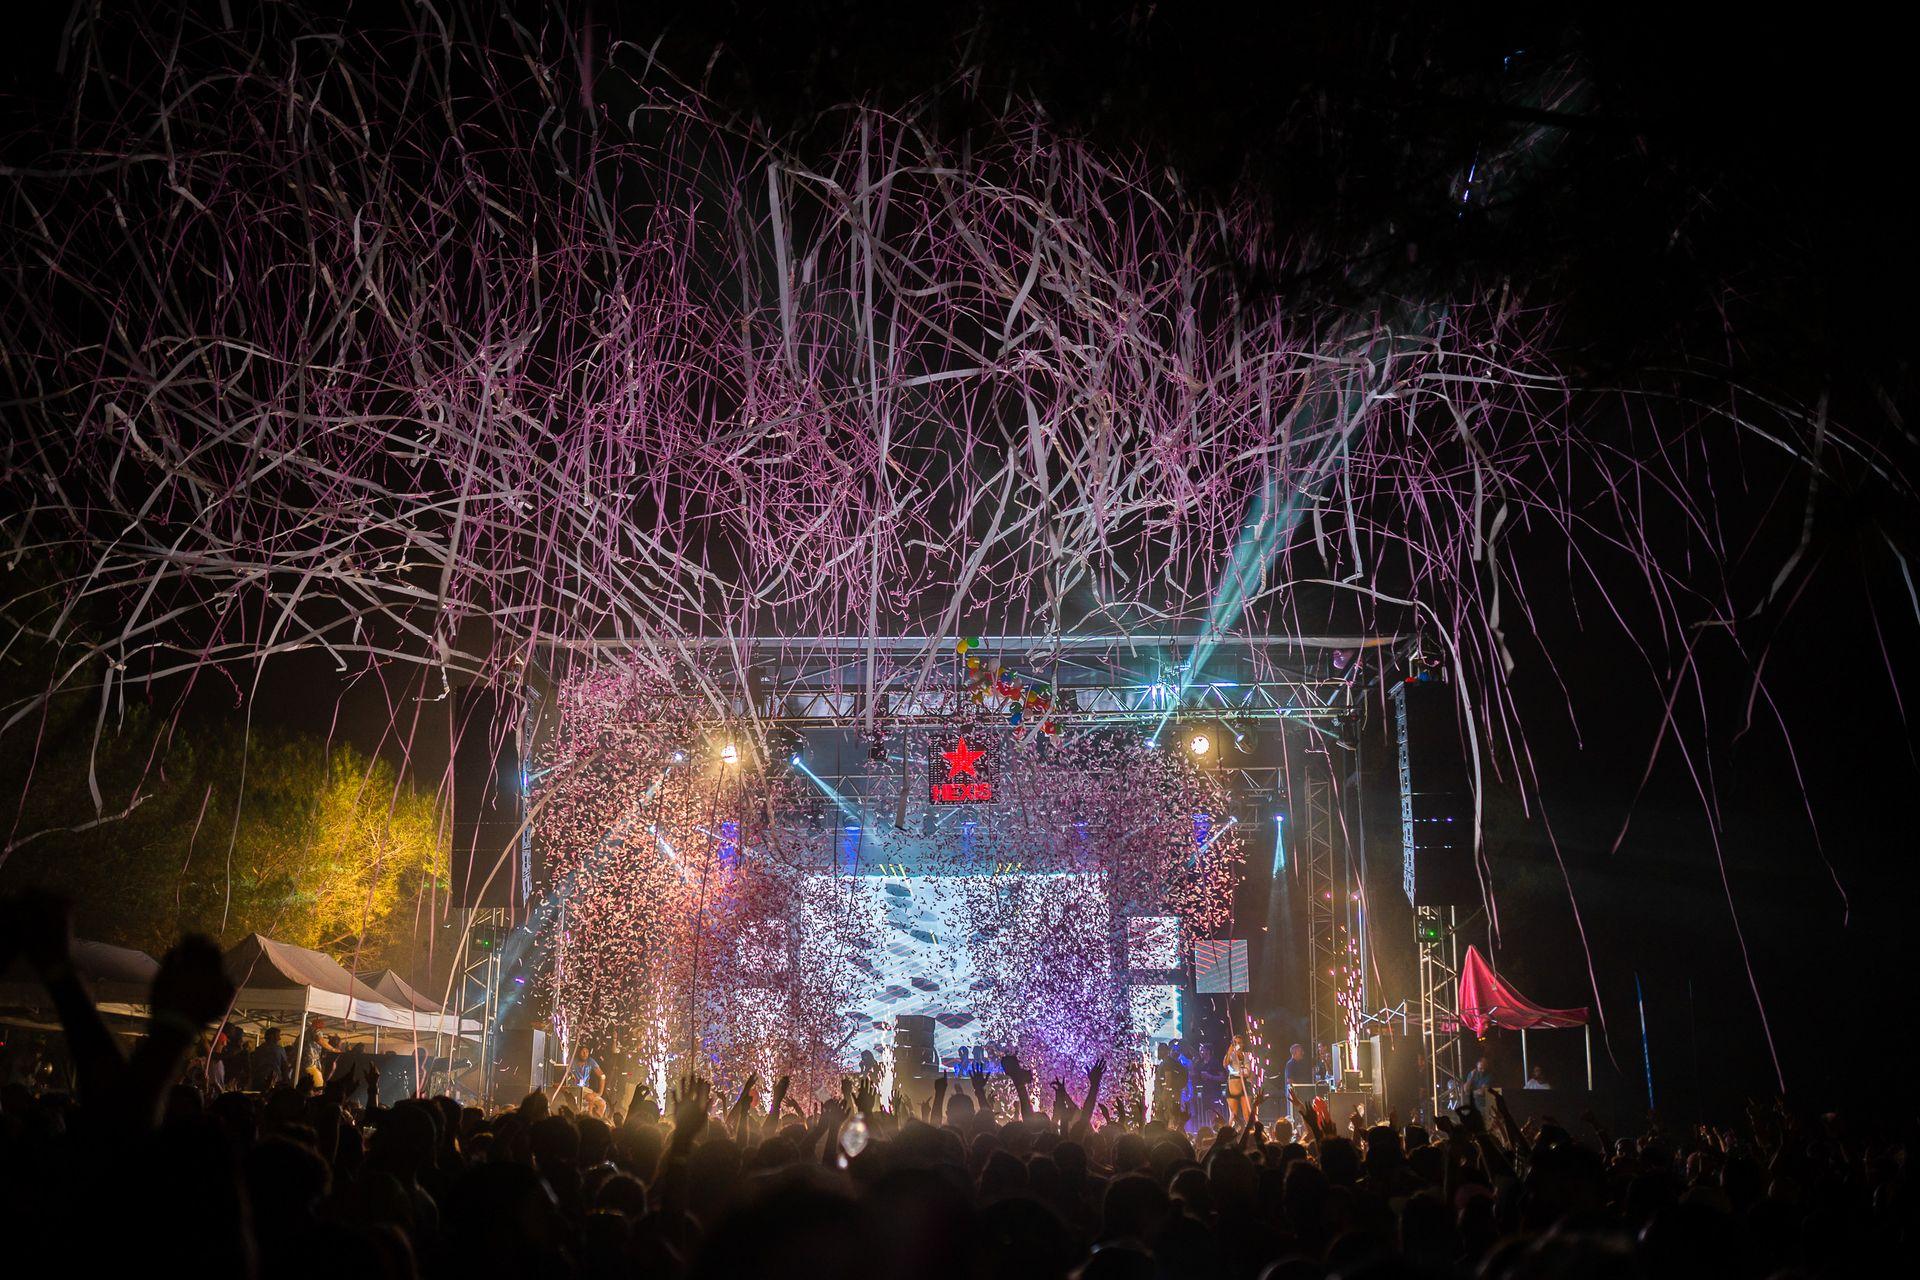 Pluie de cotillons et confettis roses au-dessus de festivaliers qui dansent devant la scène de la Family Piknik à la nuit tombée